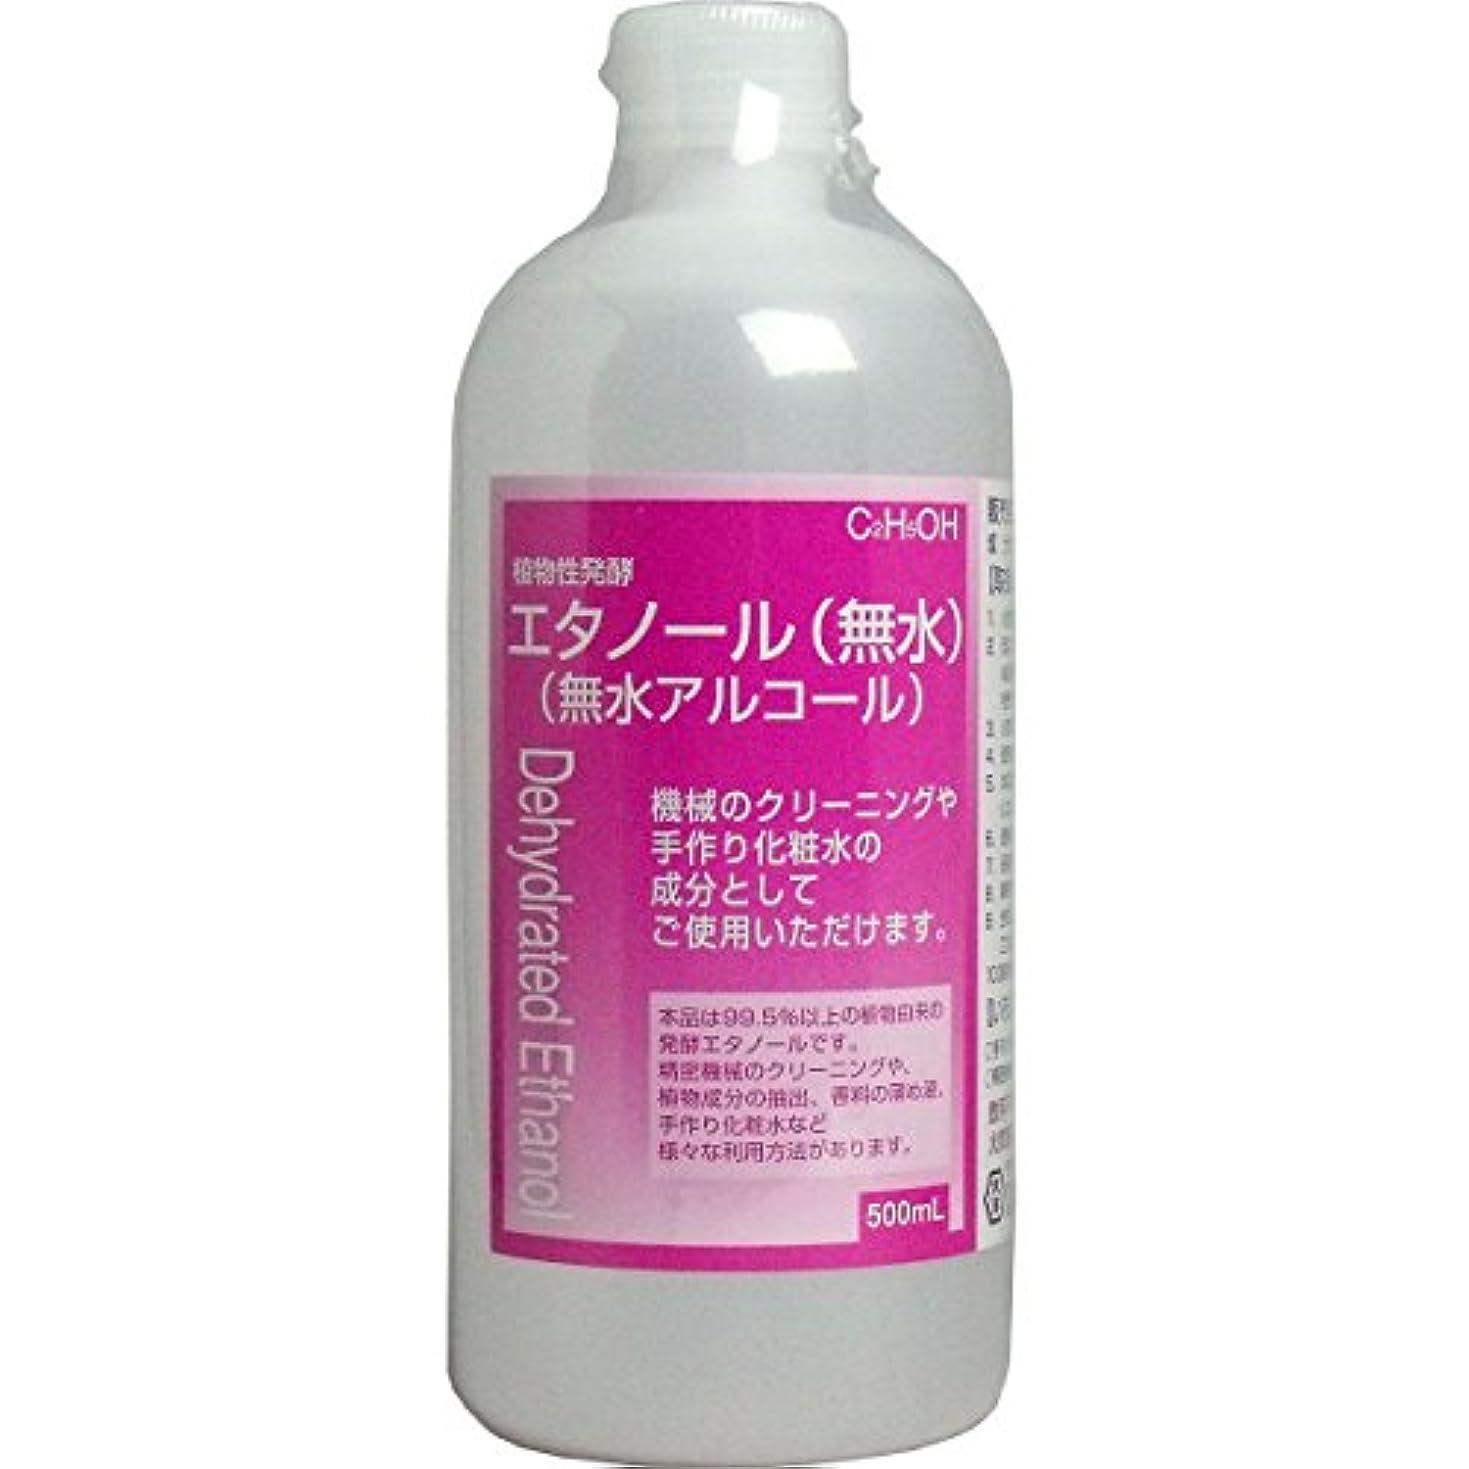 浴室事業緊急手作り化粧水に 植物性発酵エタノール(無水エタノール) 500mL 2本セット